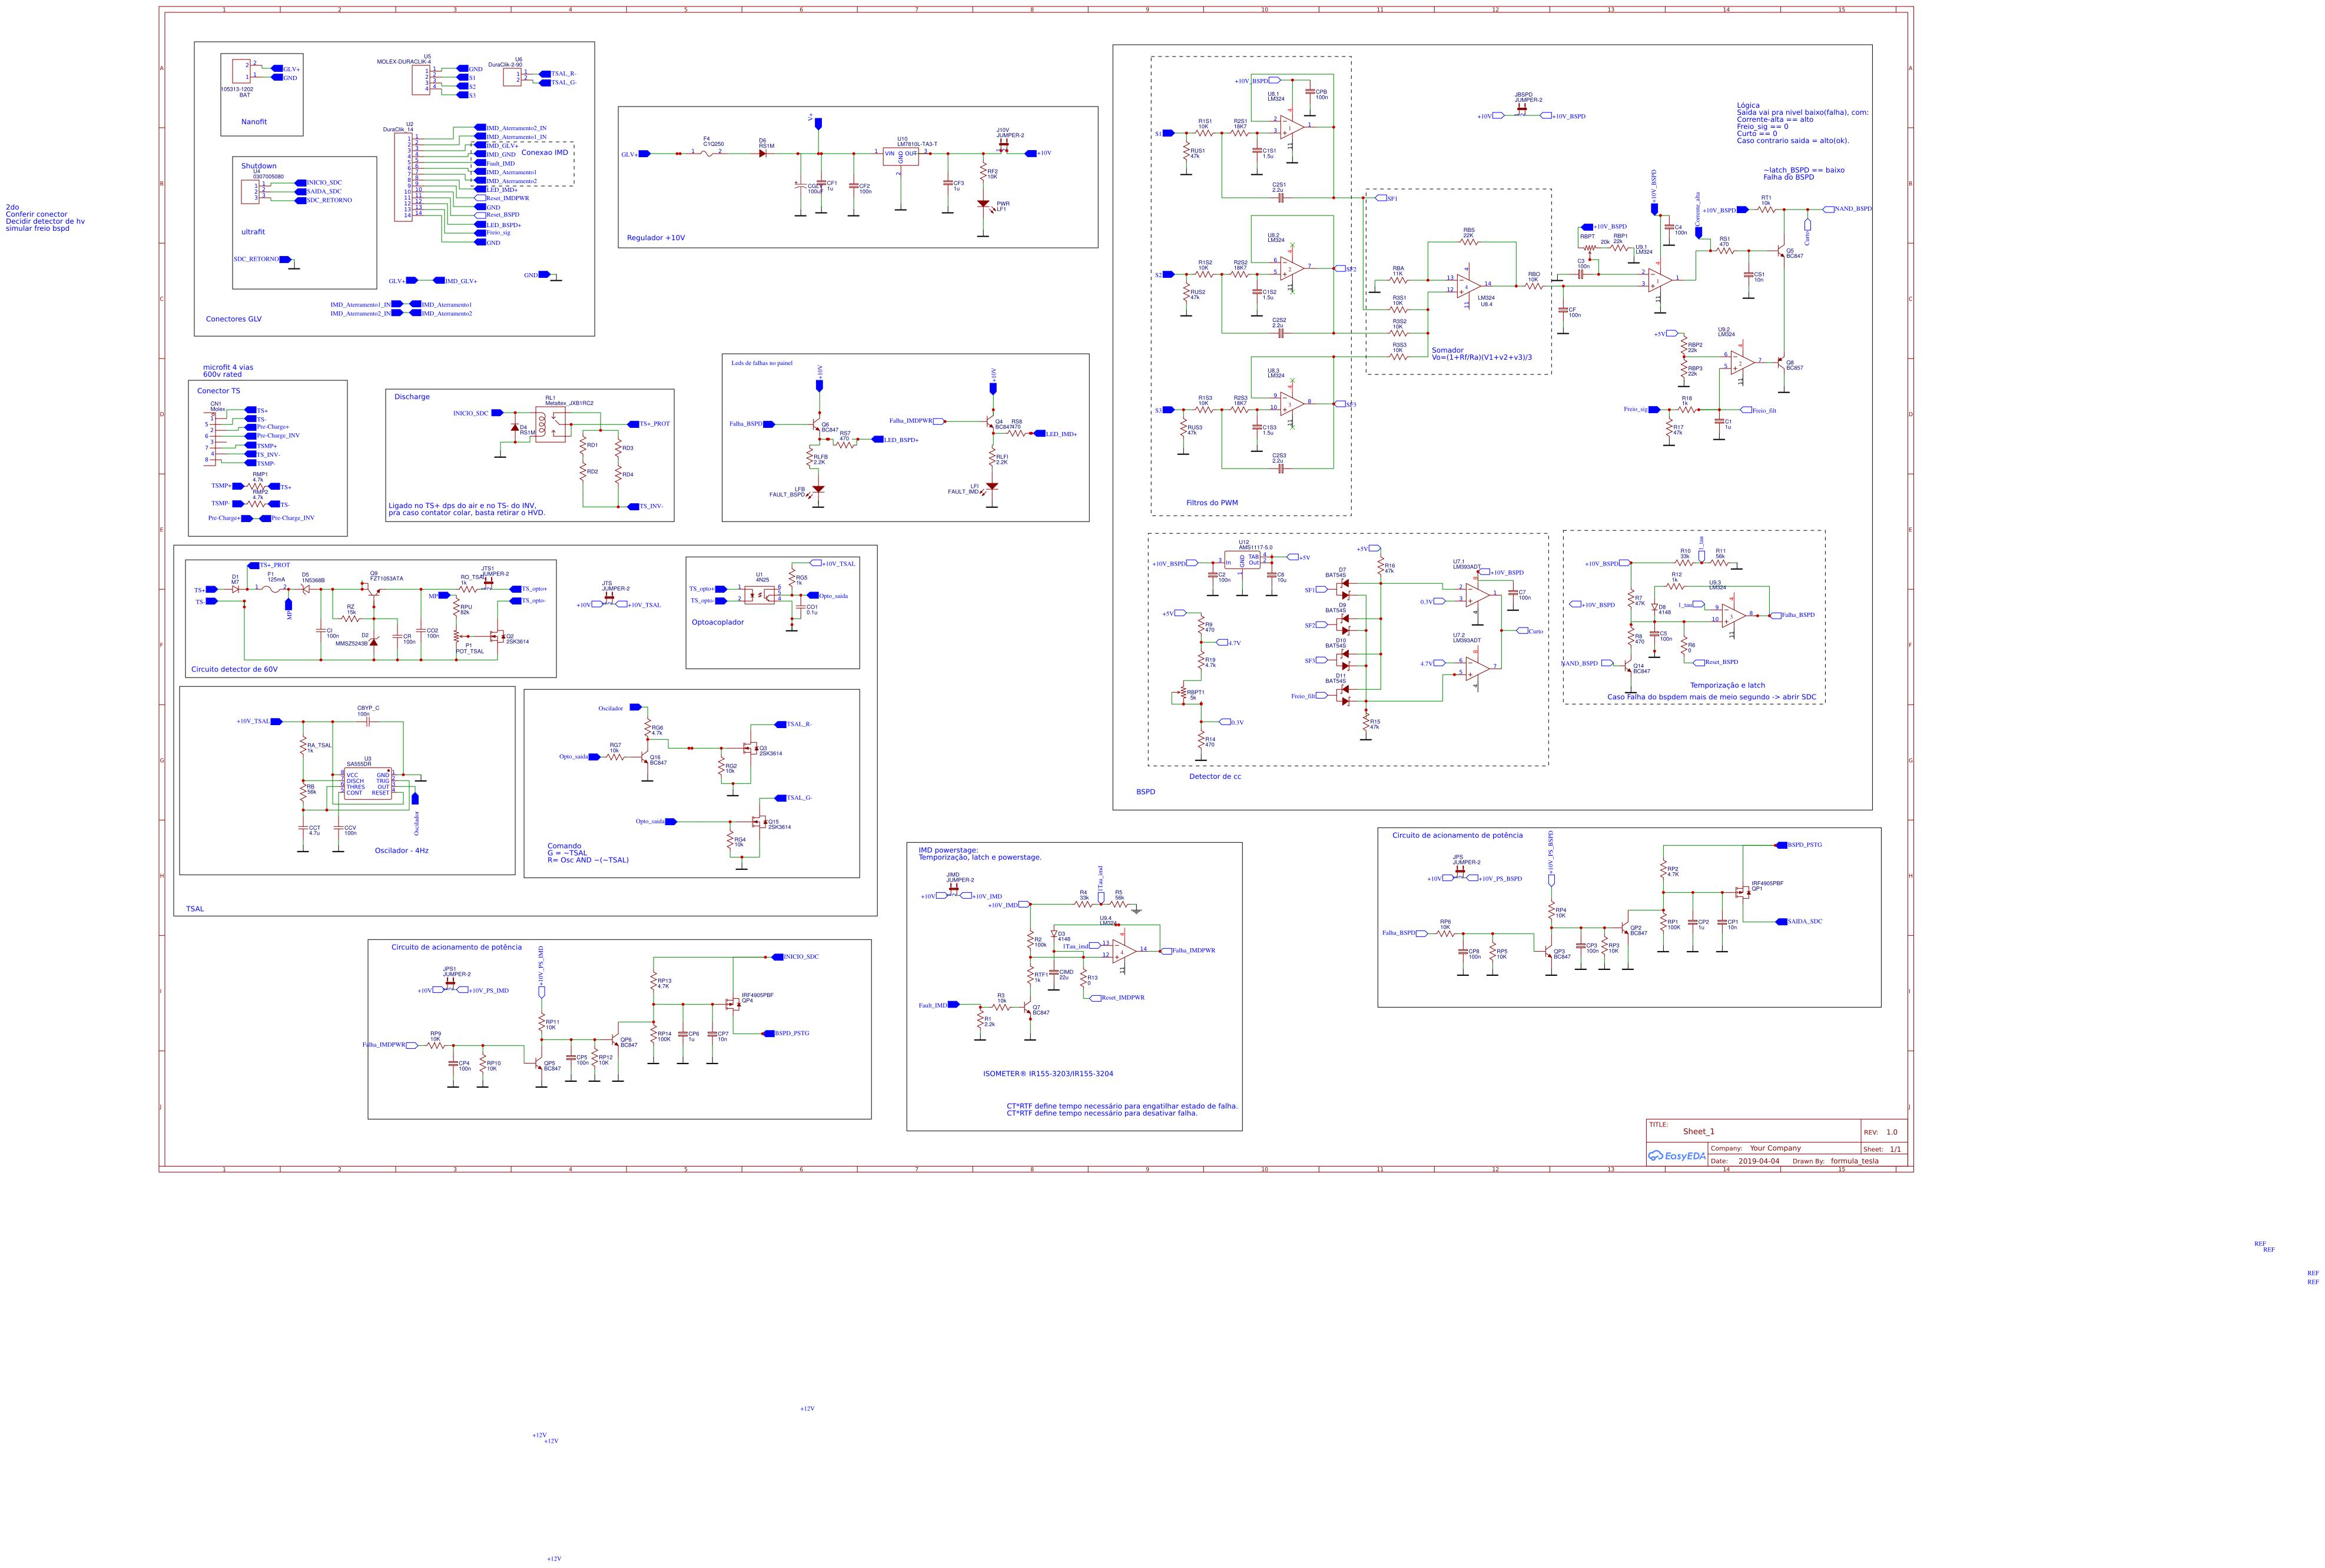 lm317 adjustable output